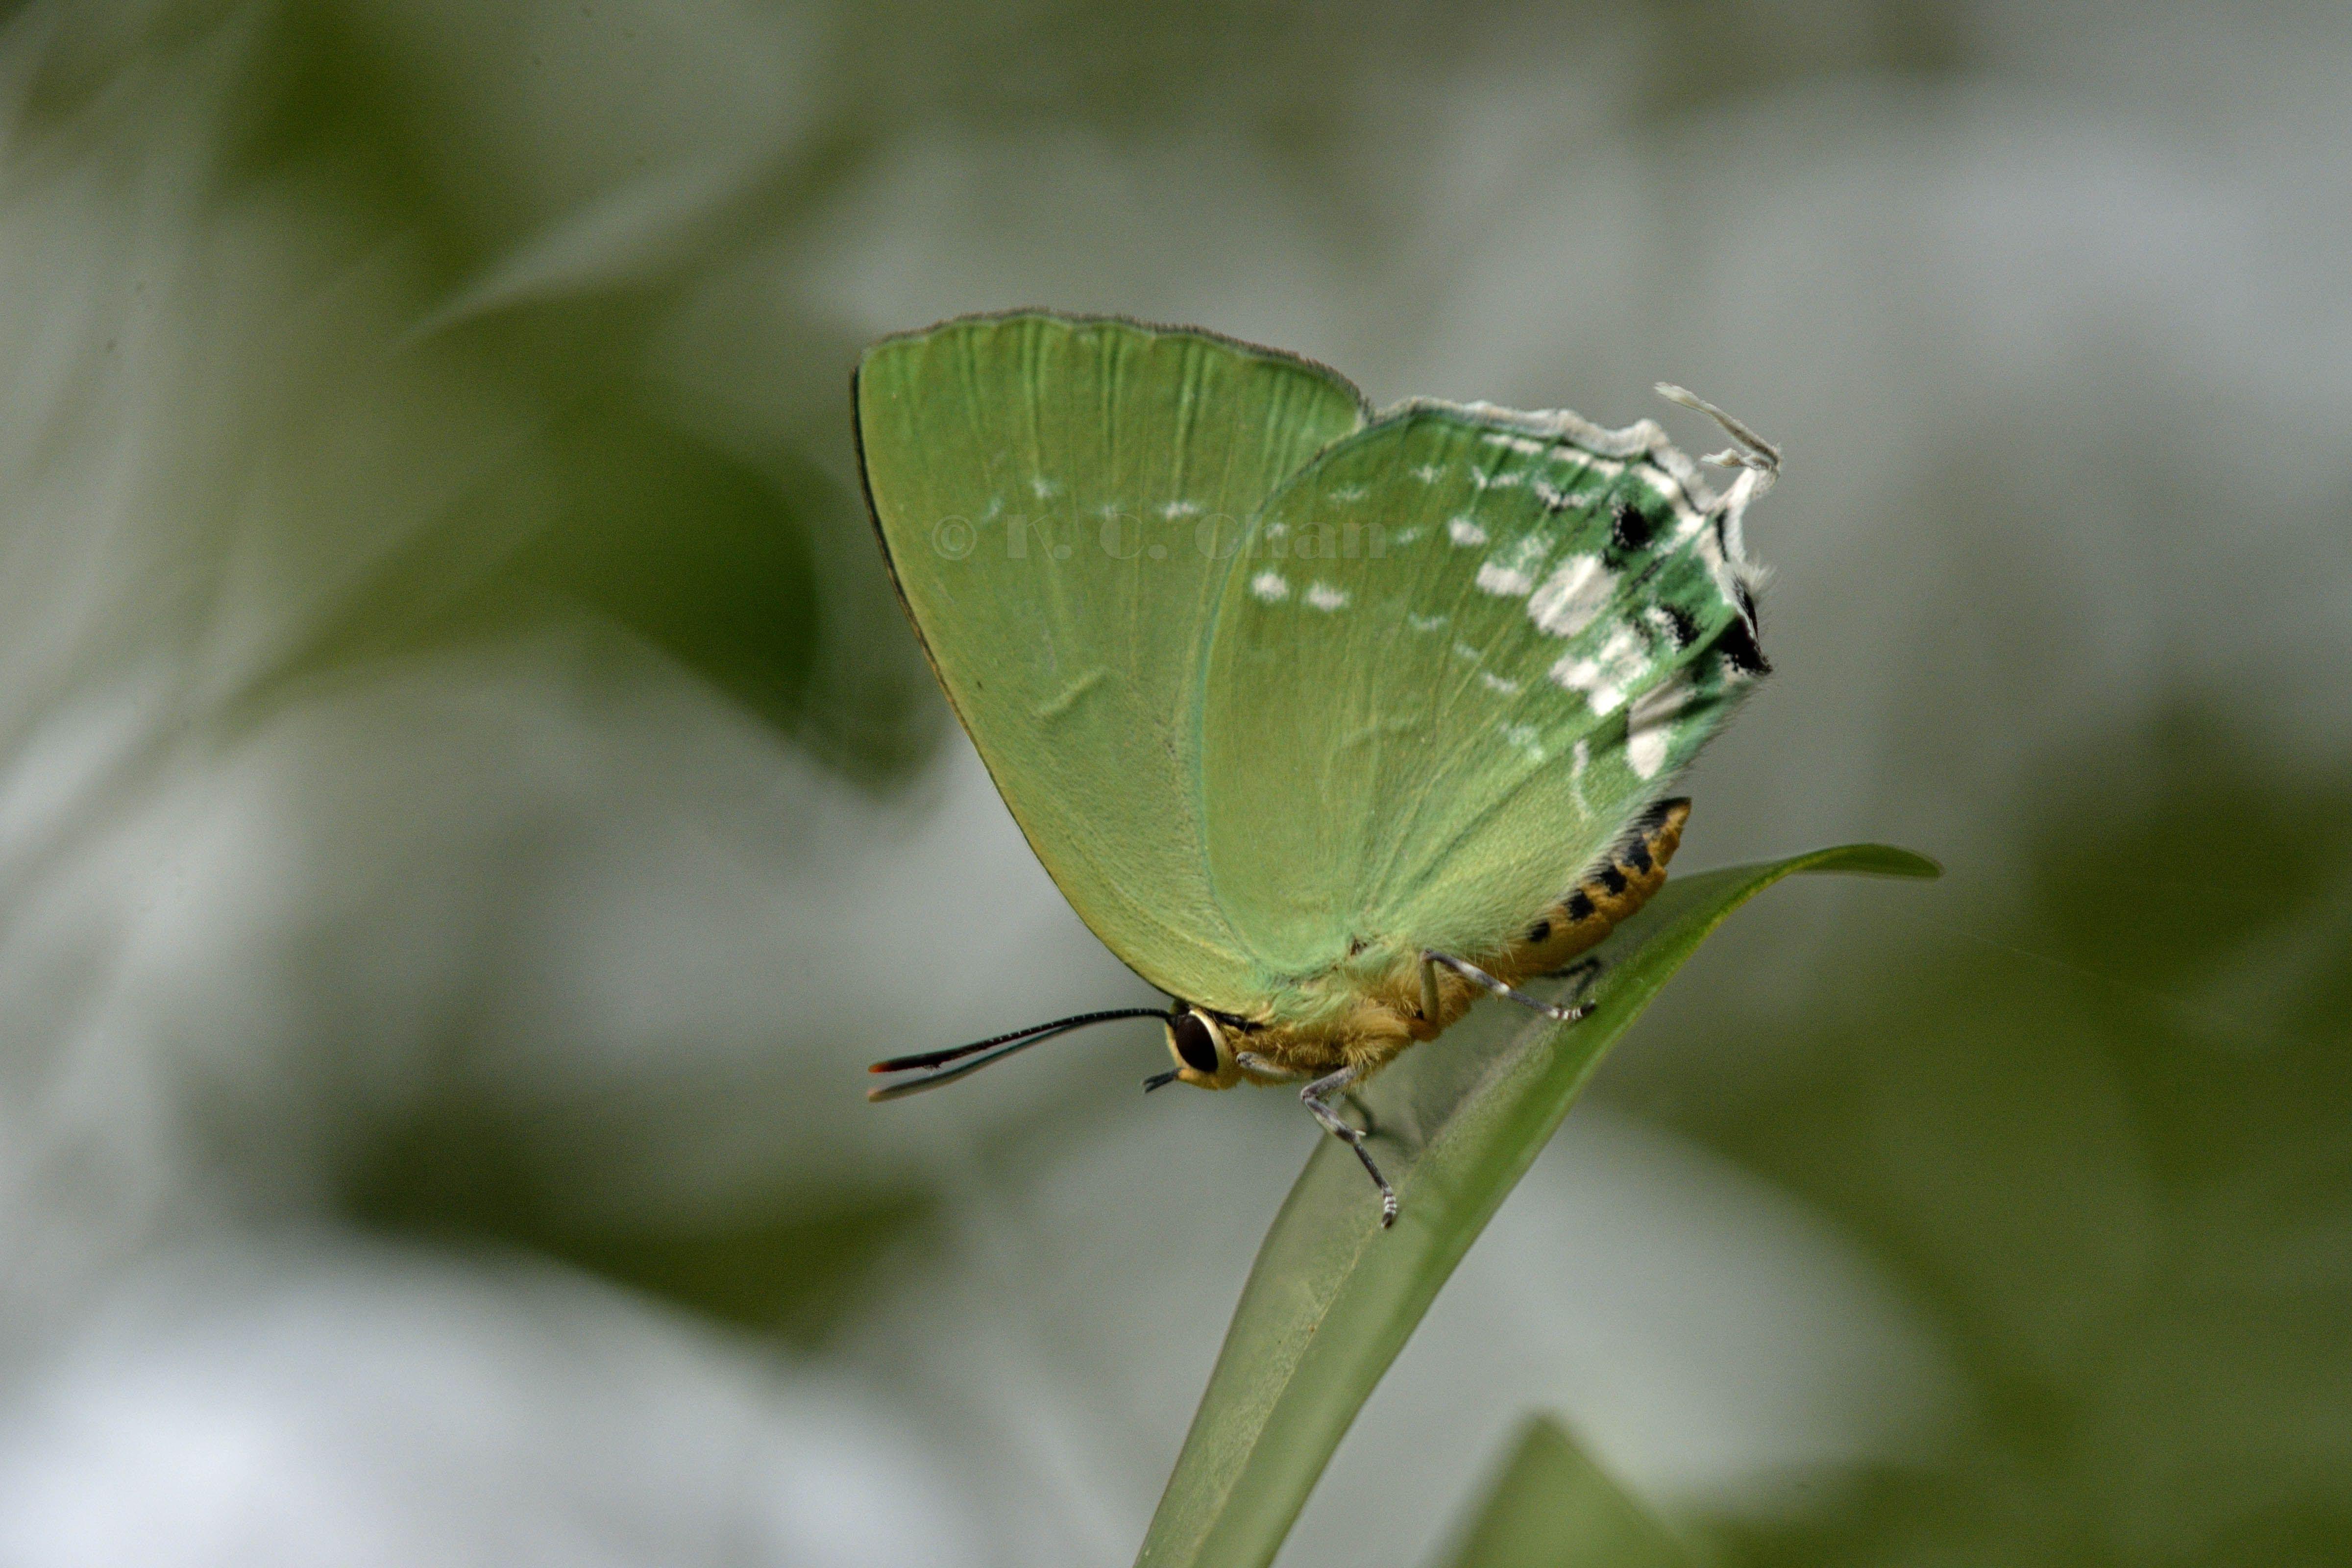 綠灰蝶 Artipe eryx